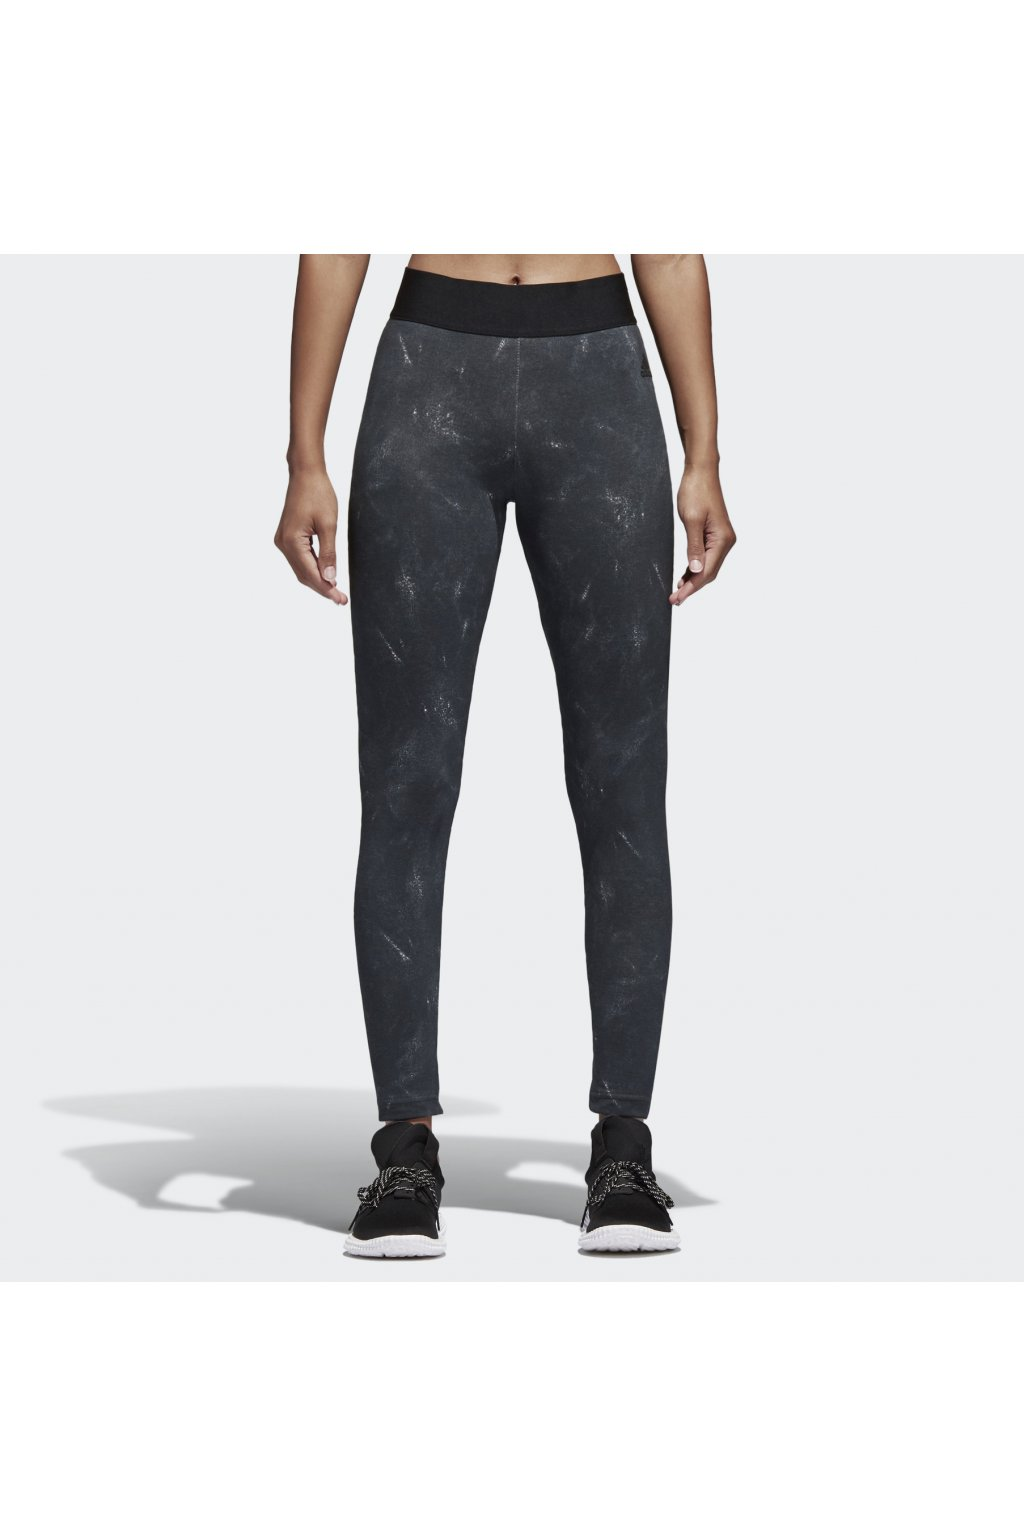 damske leginy adidas aop tight cv3757 (1)